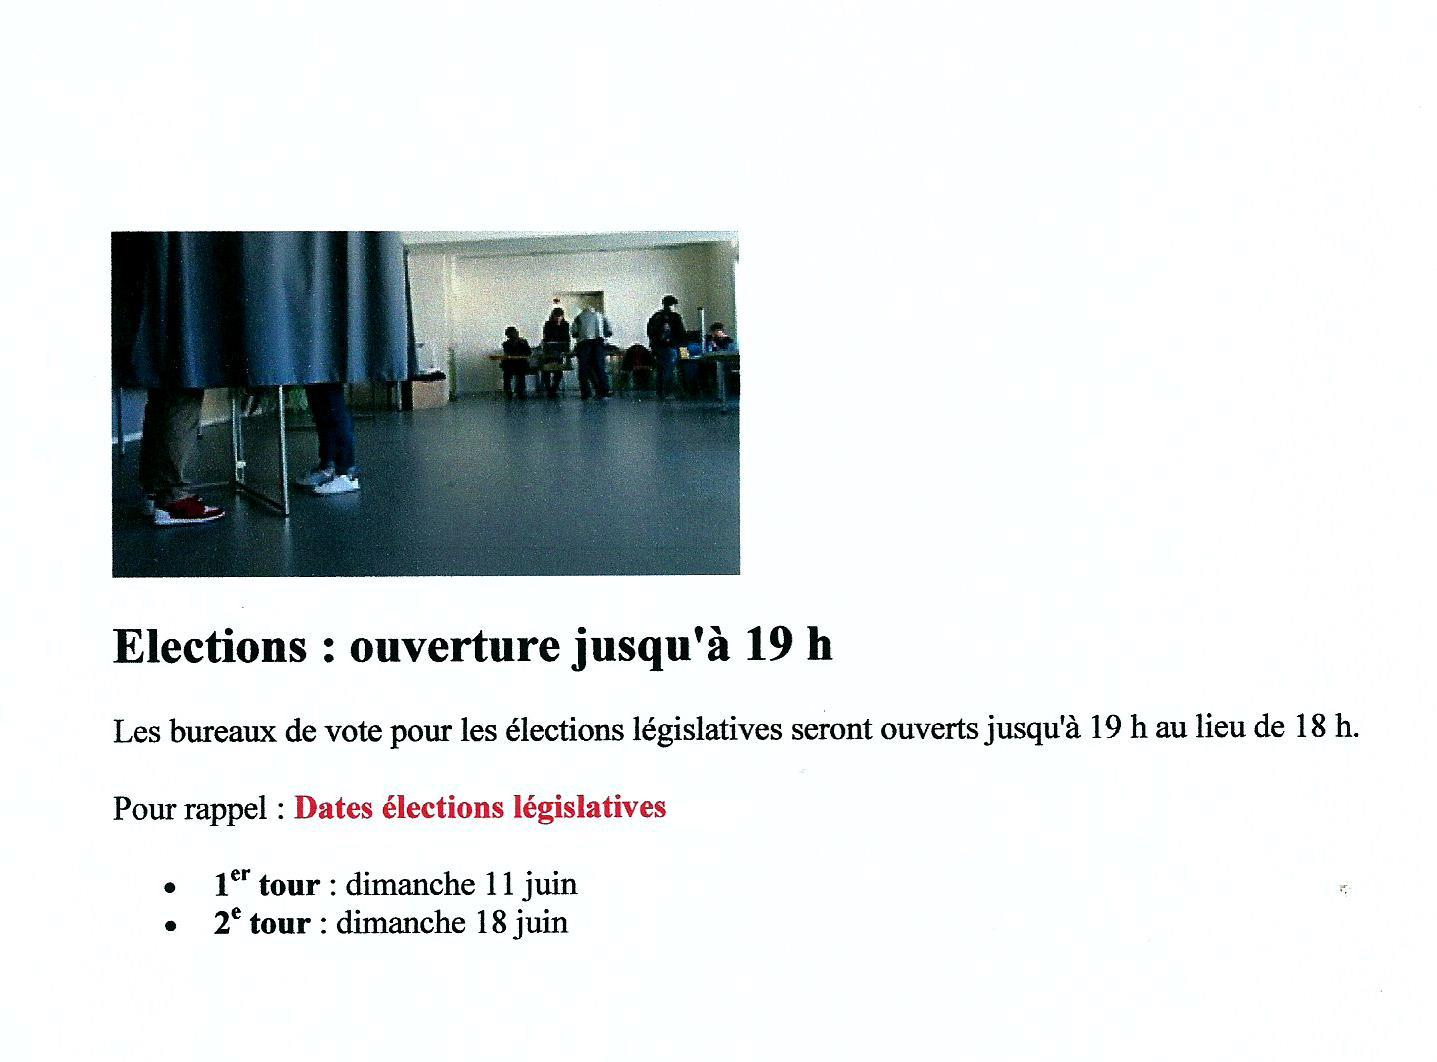 Scan Affiche Elections ouverture jusqu'à 19h00 2017.jpg